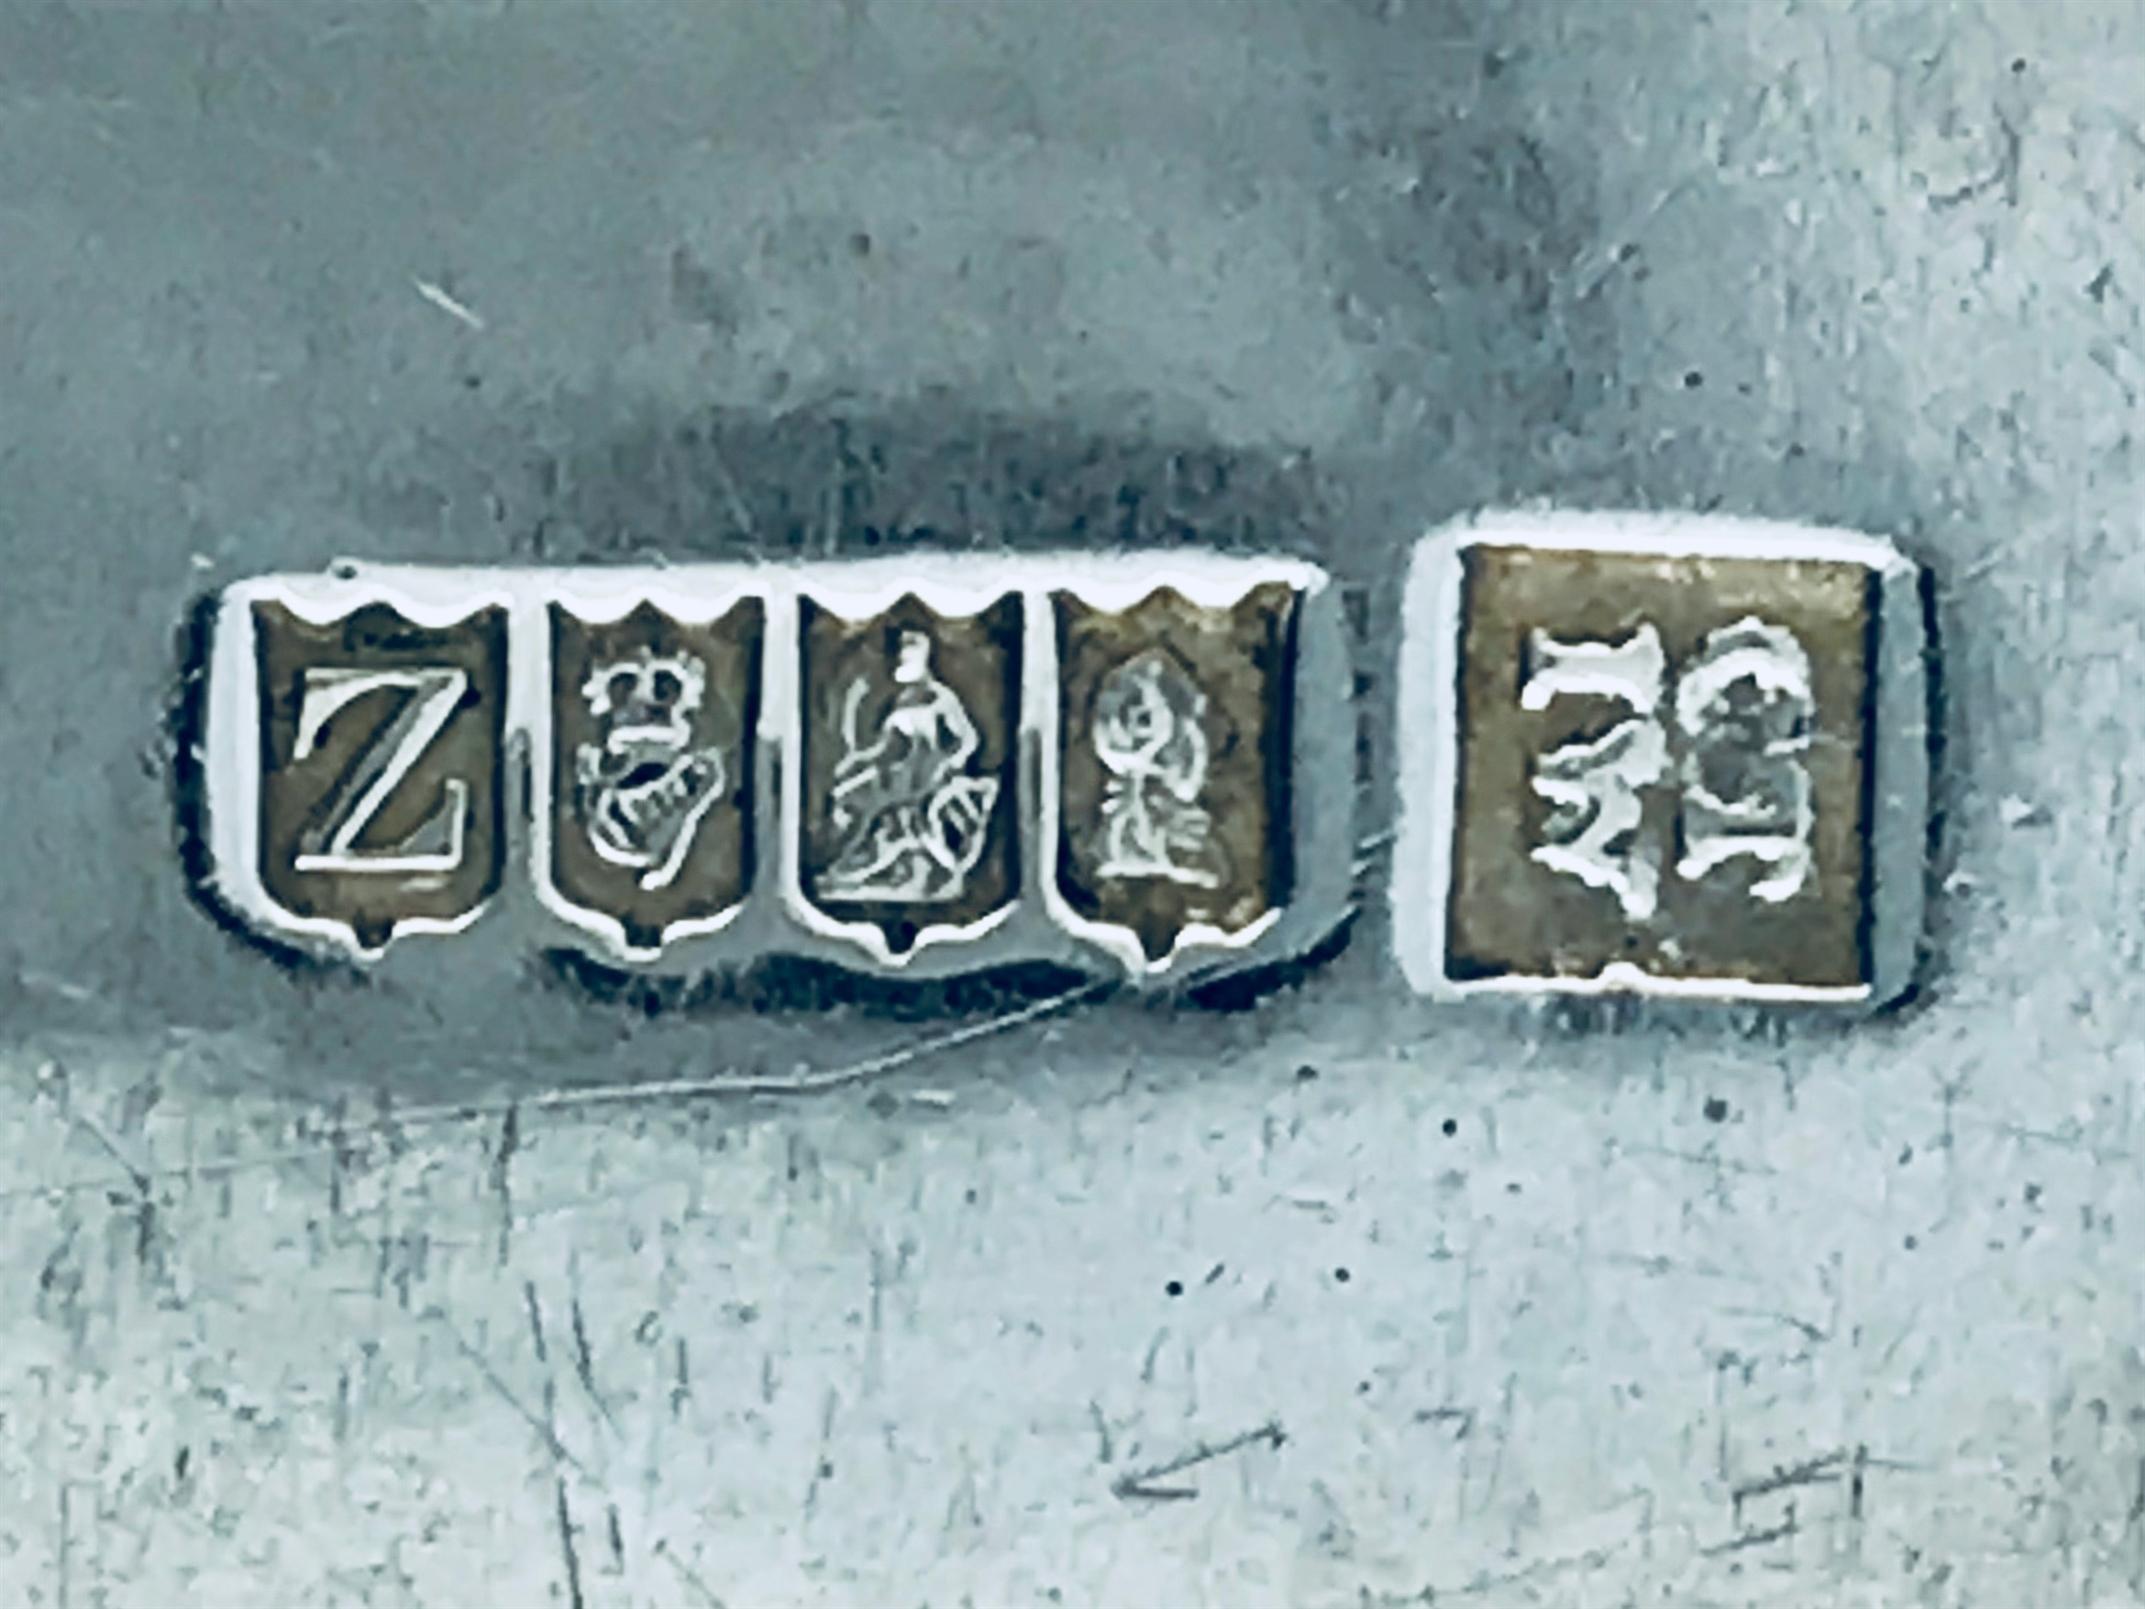 Antique Cork Sterling Silver Hallmarked George Iii Irish Silver